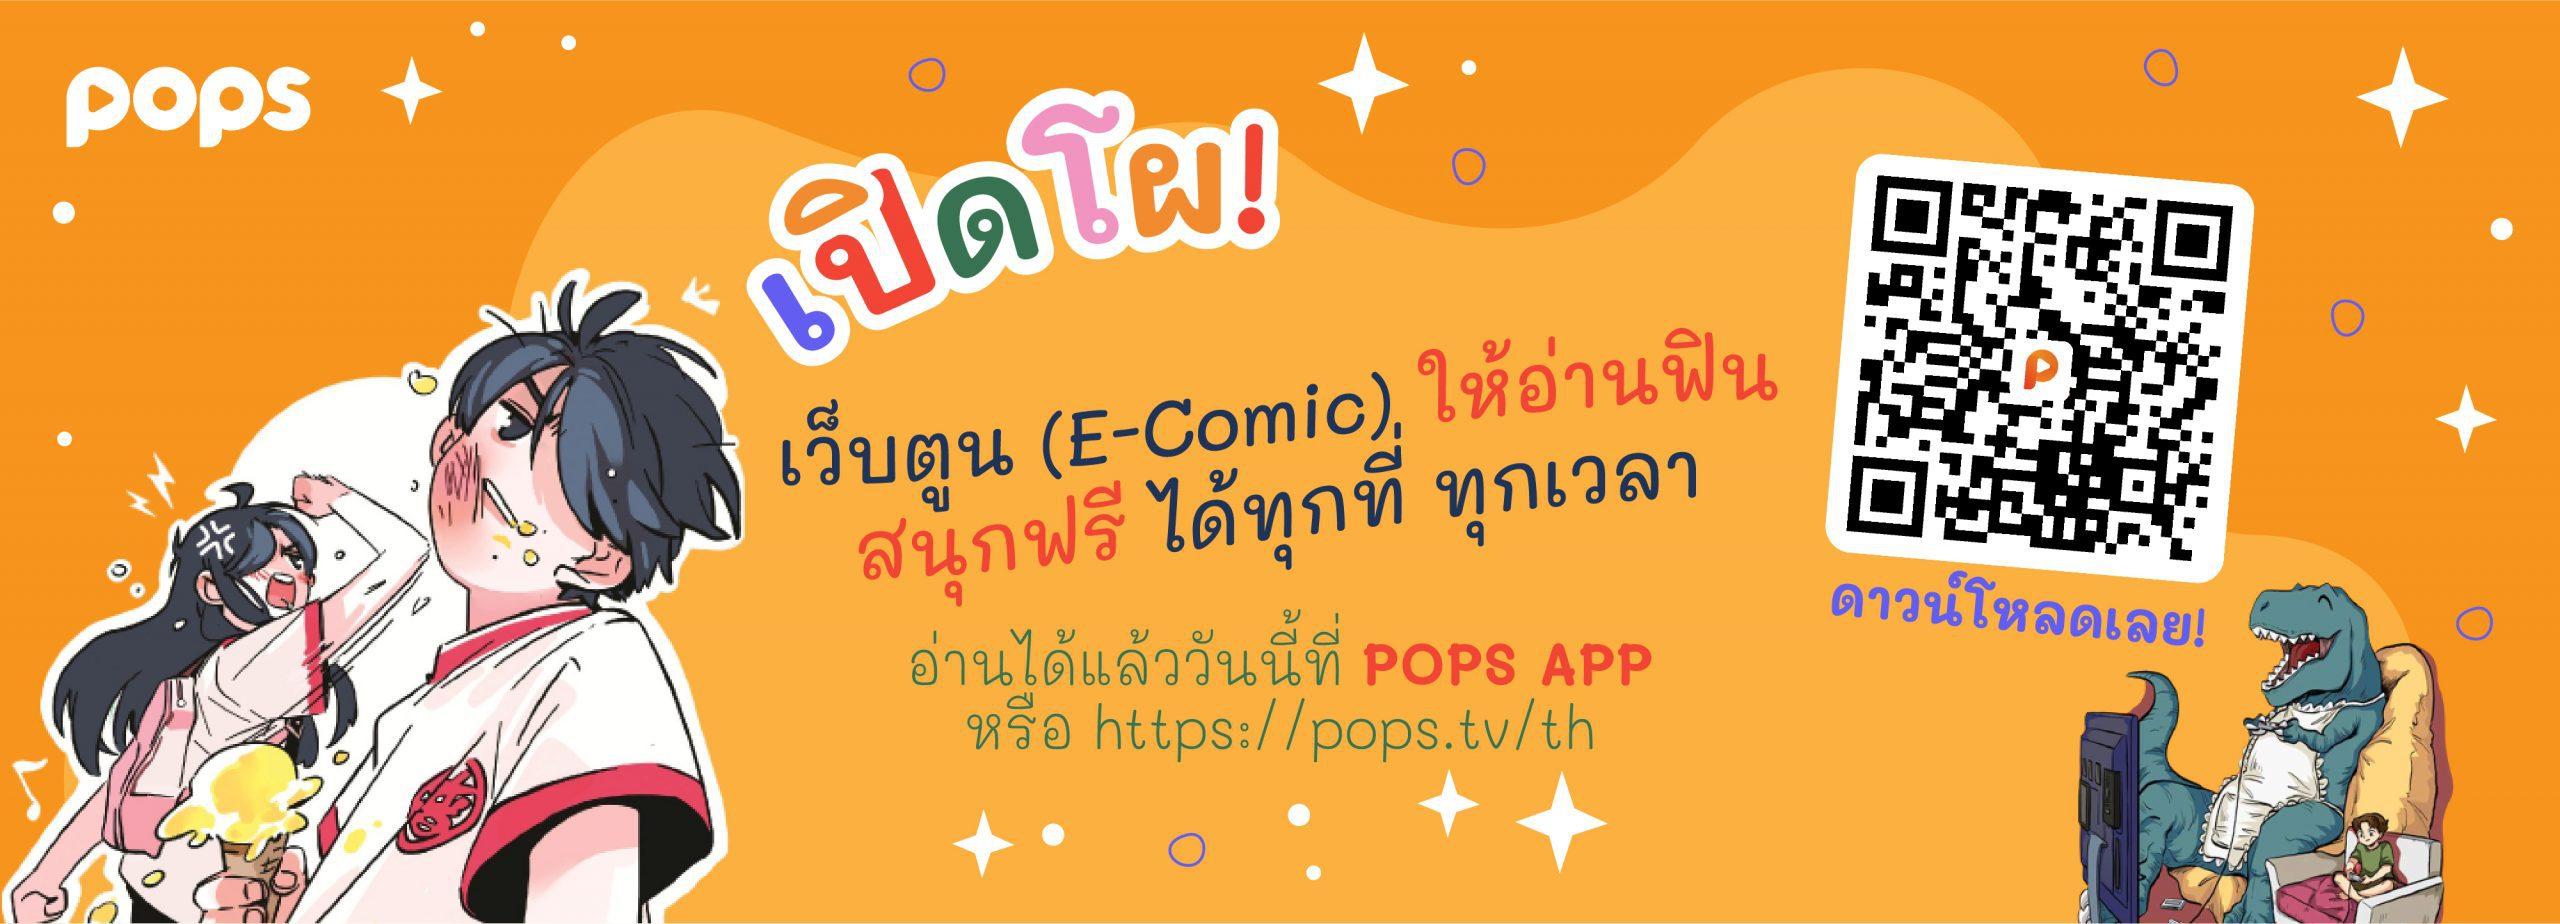 POPS APP พร้อมเสิร์ฟฟังก์ชั่นเว็บตูน (E-Comic) ให้อ่านฟิน สนุกฟรี ได้ทุกที่ ทุกเวลา พร้อมตอกย้ำความเป็นแพลทฟอร์มเอนเตอร์เทนเม้นท์ครบทุกรูปแบบ